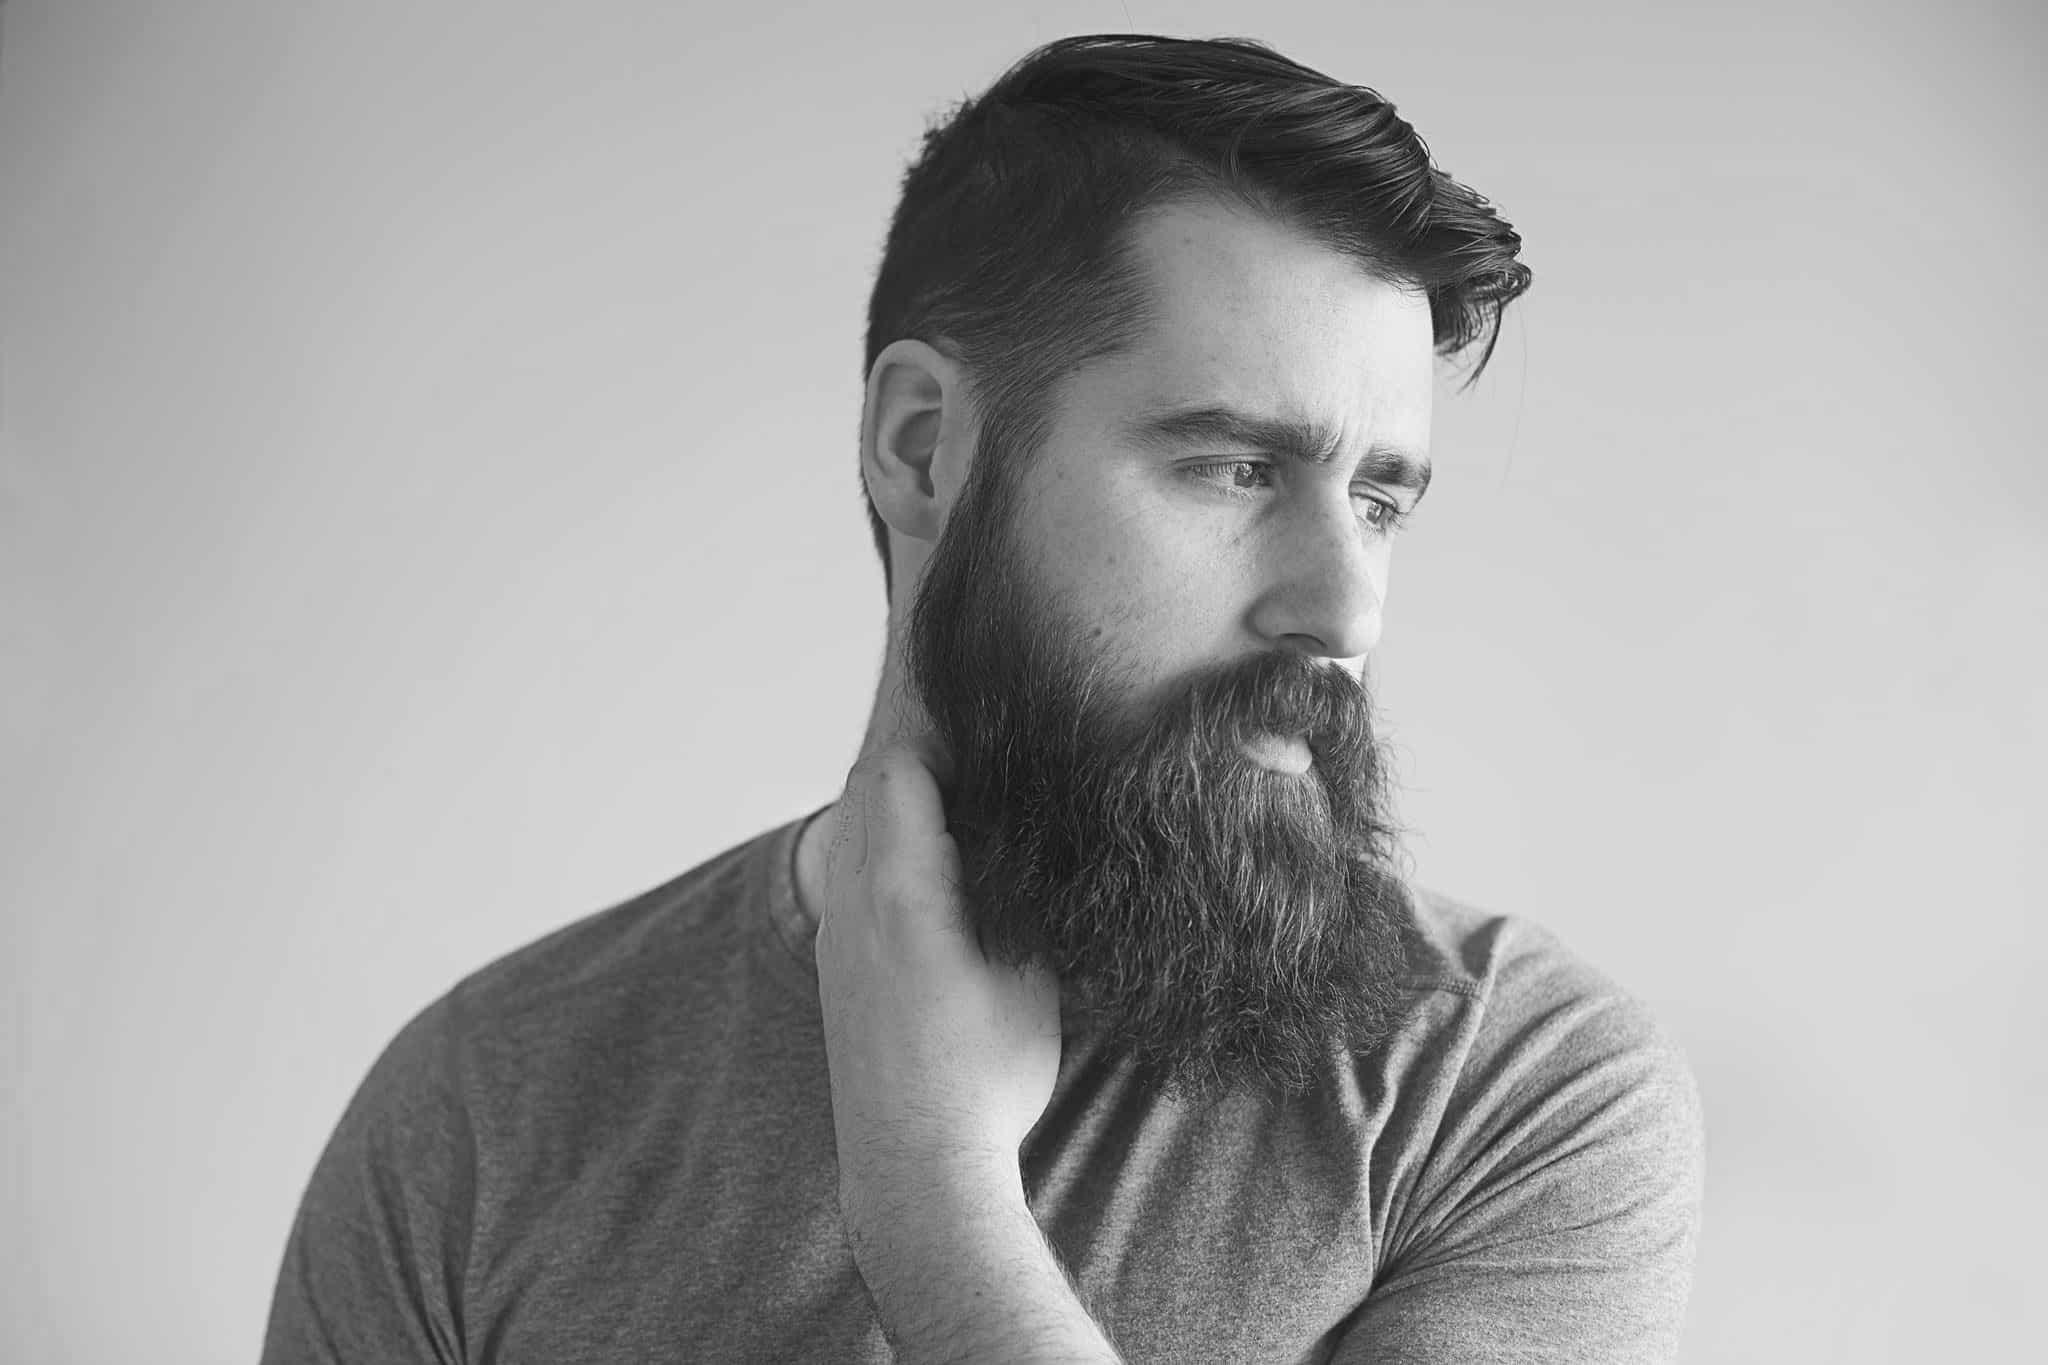 Entretenir sa barbe : il faut être soigné pour être stylé